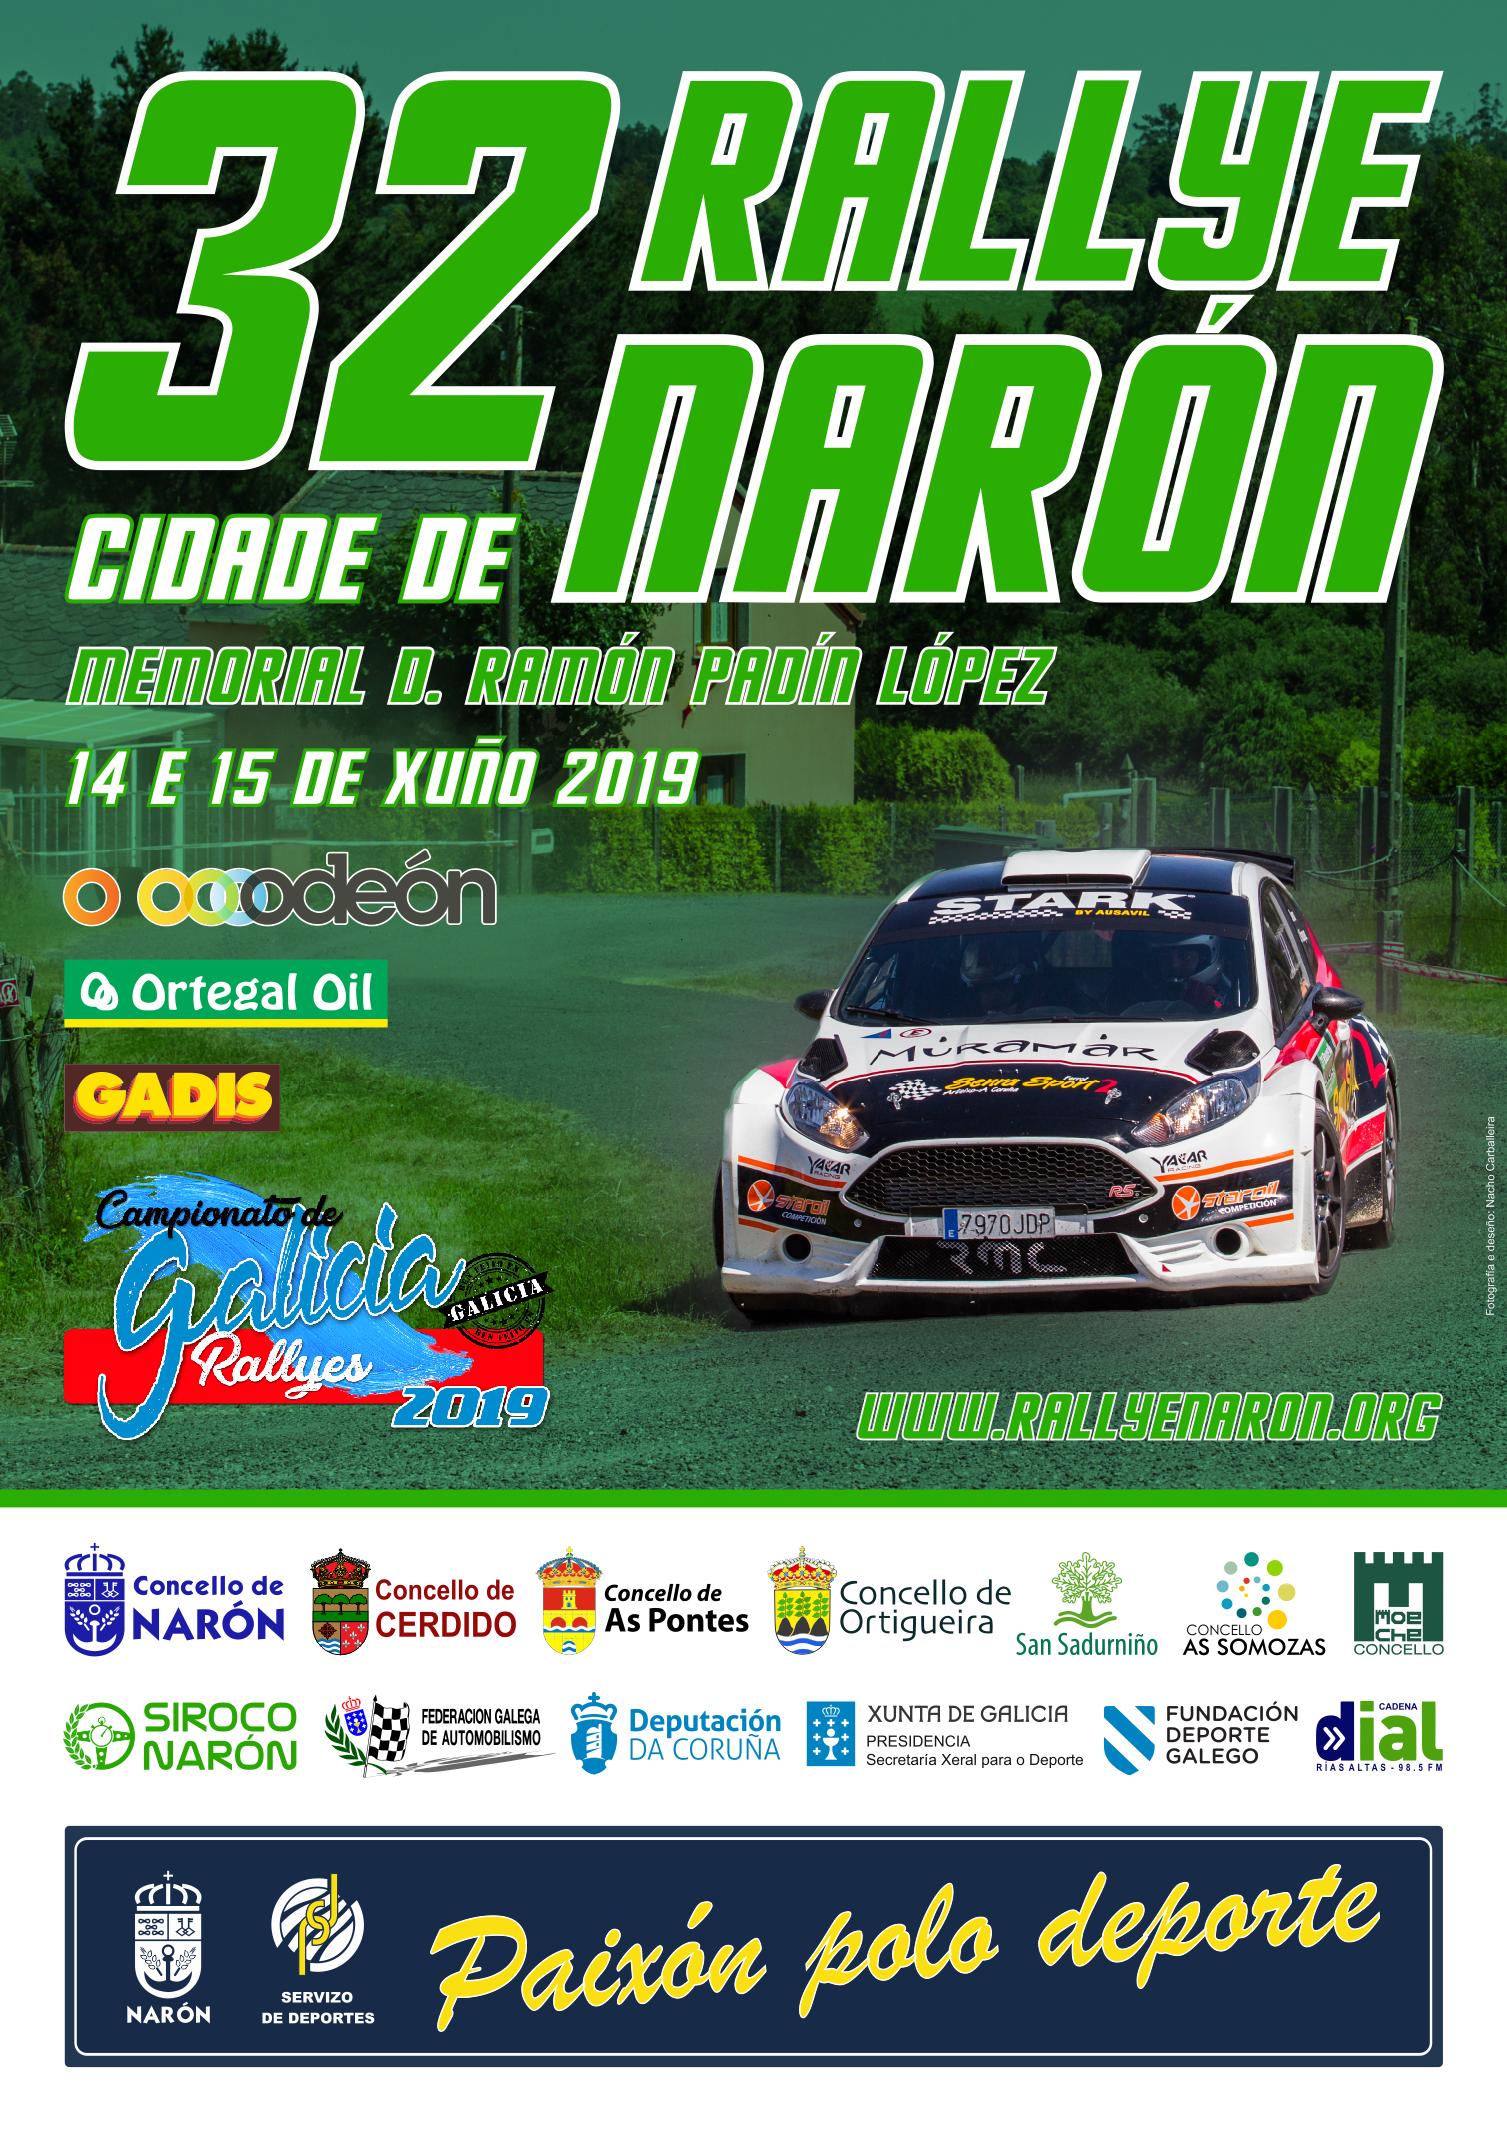 Campeonatos Regionales 2019: Información y novedades - Página 14 Carteldescarga